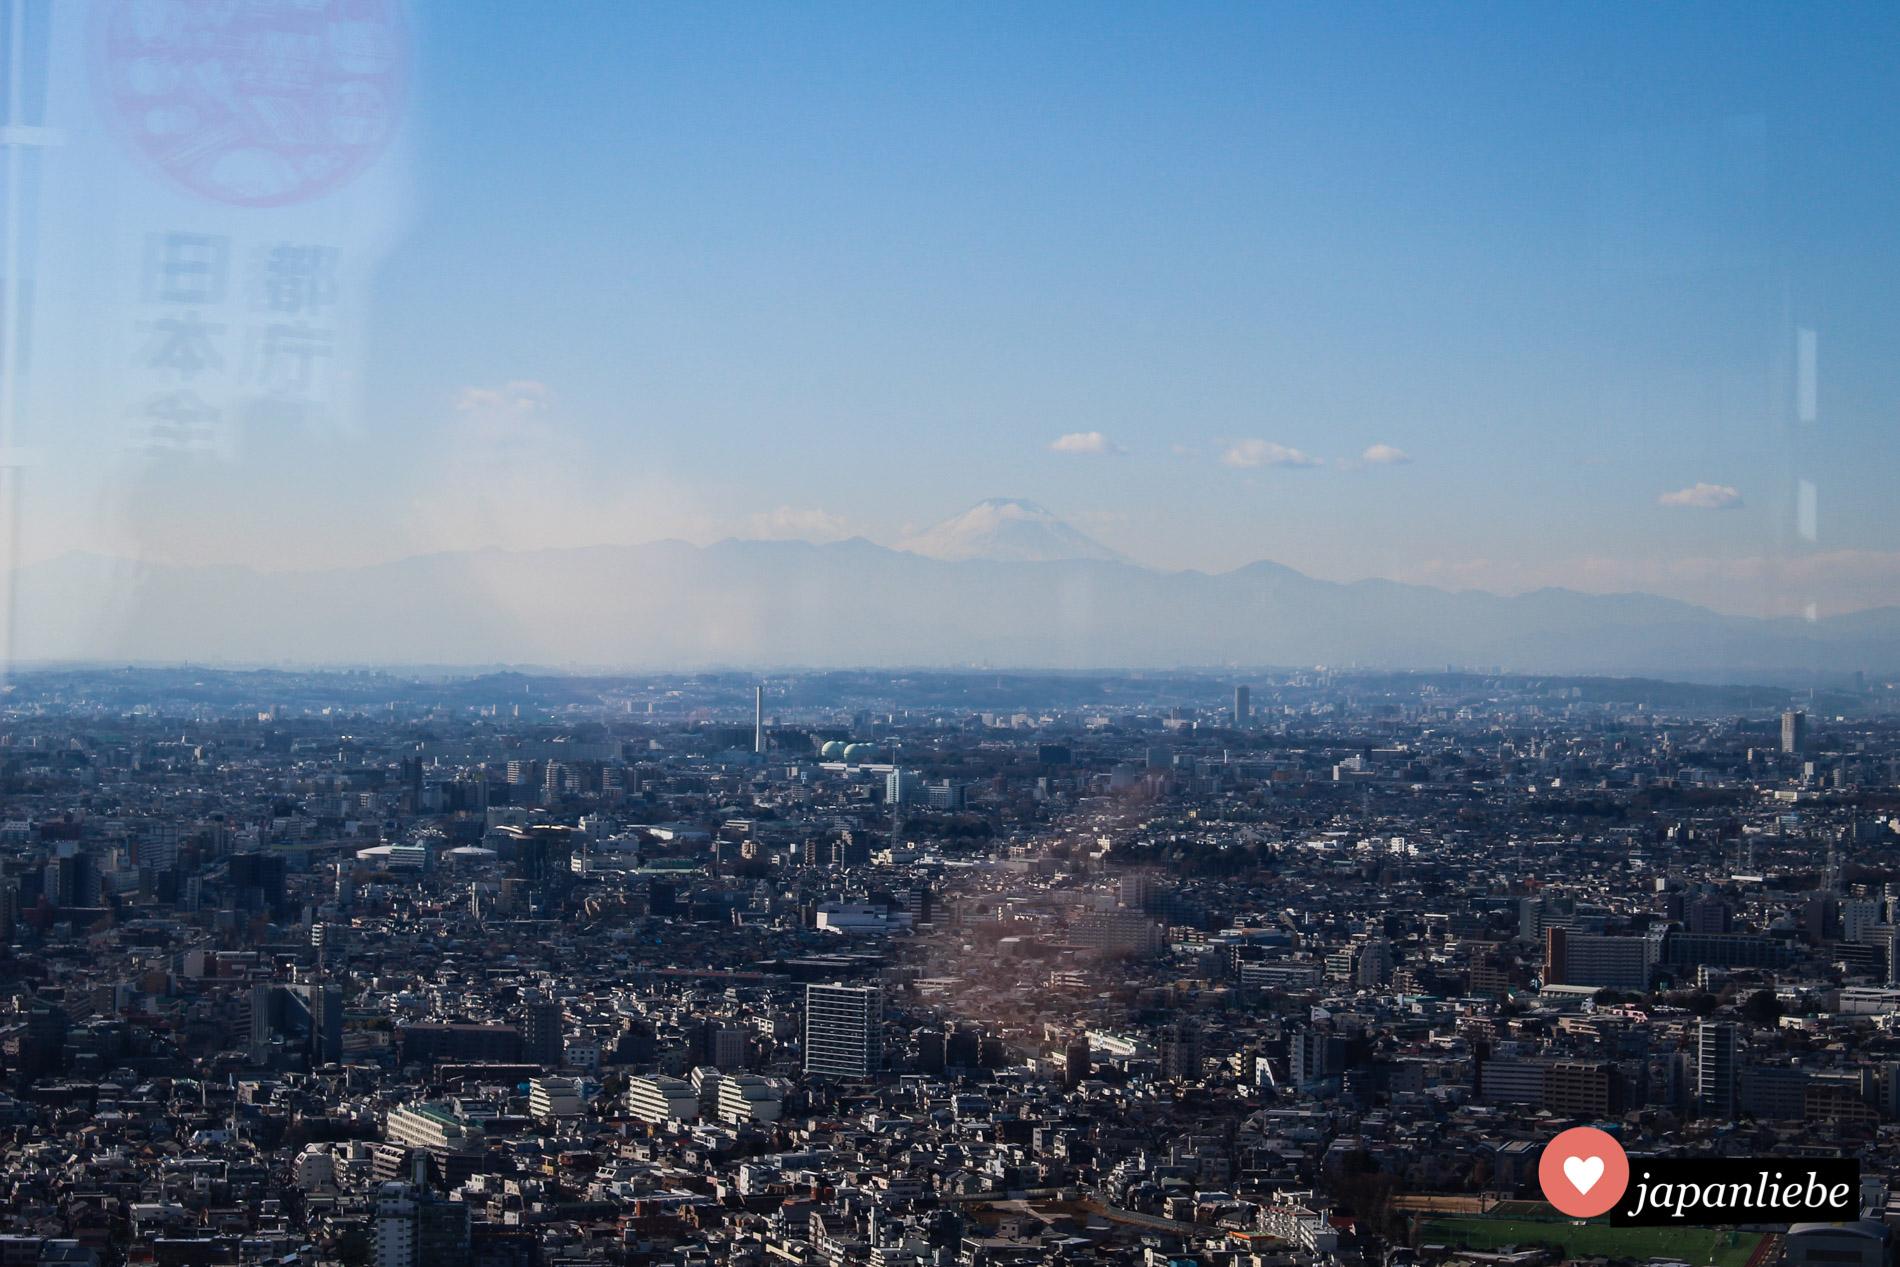 Ein seltener Anblick vom Tōkyō Metropolitan Government Building: der Fuji.